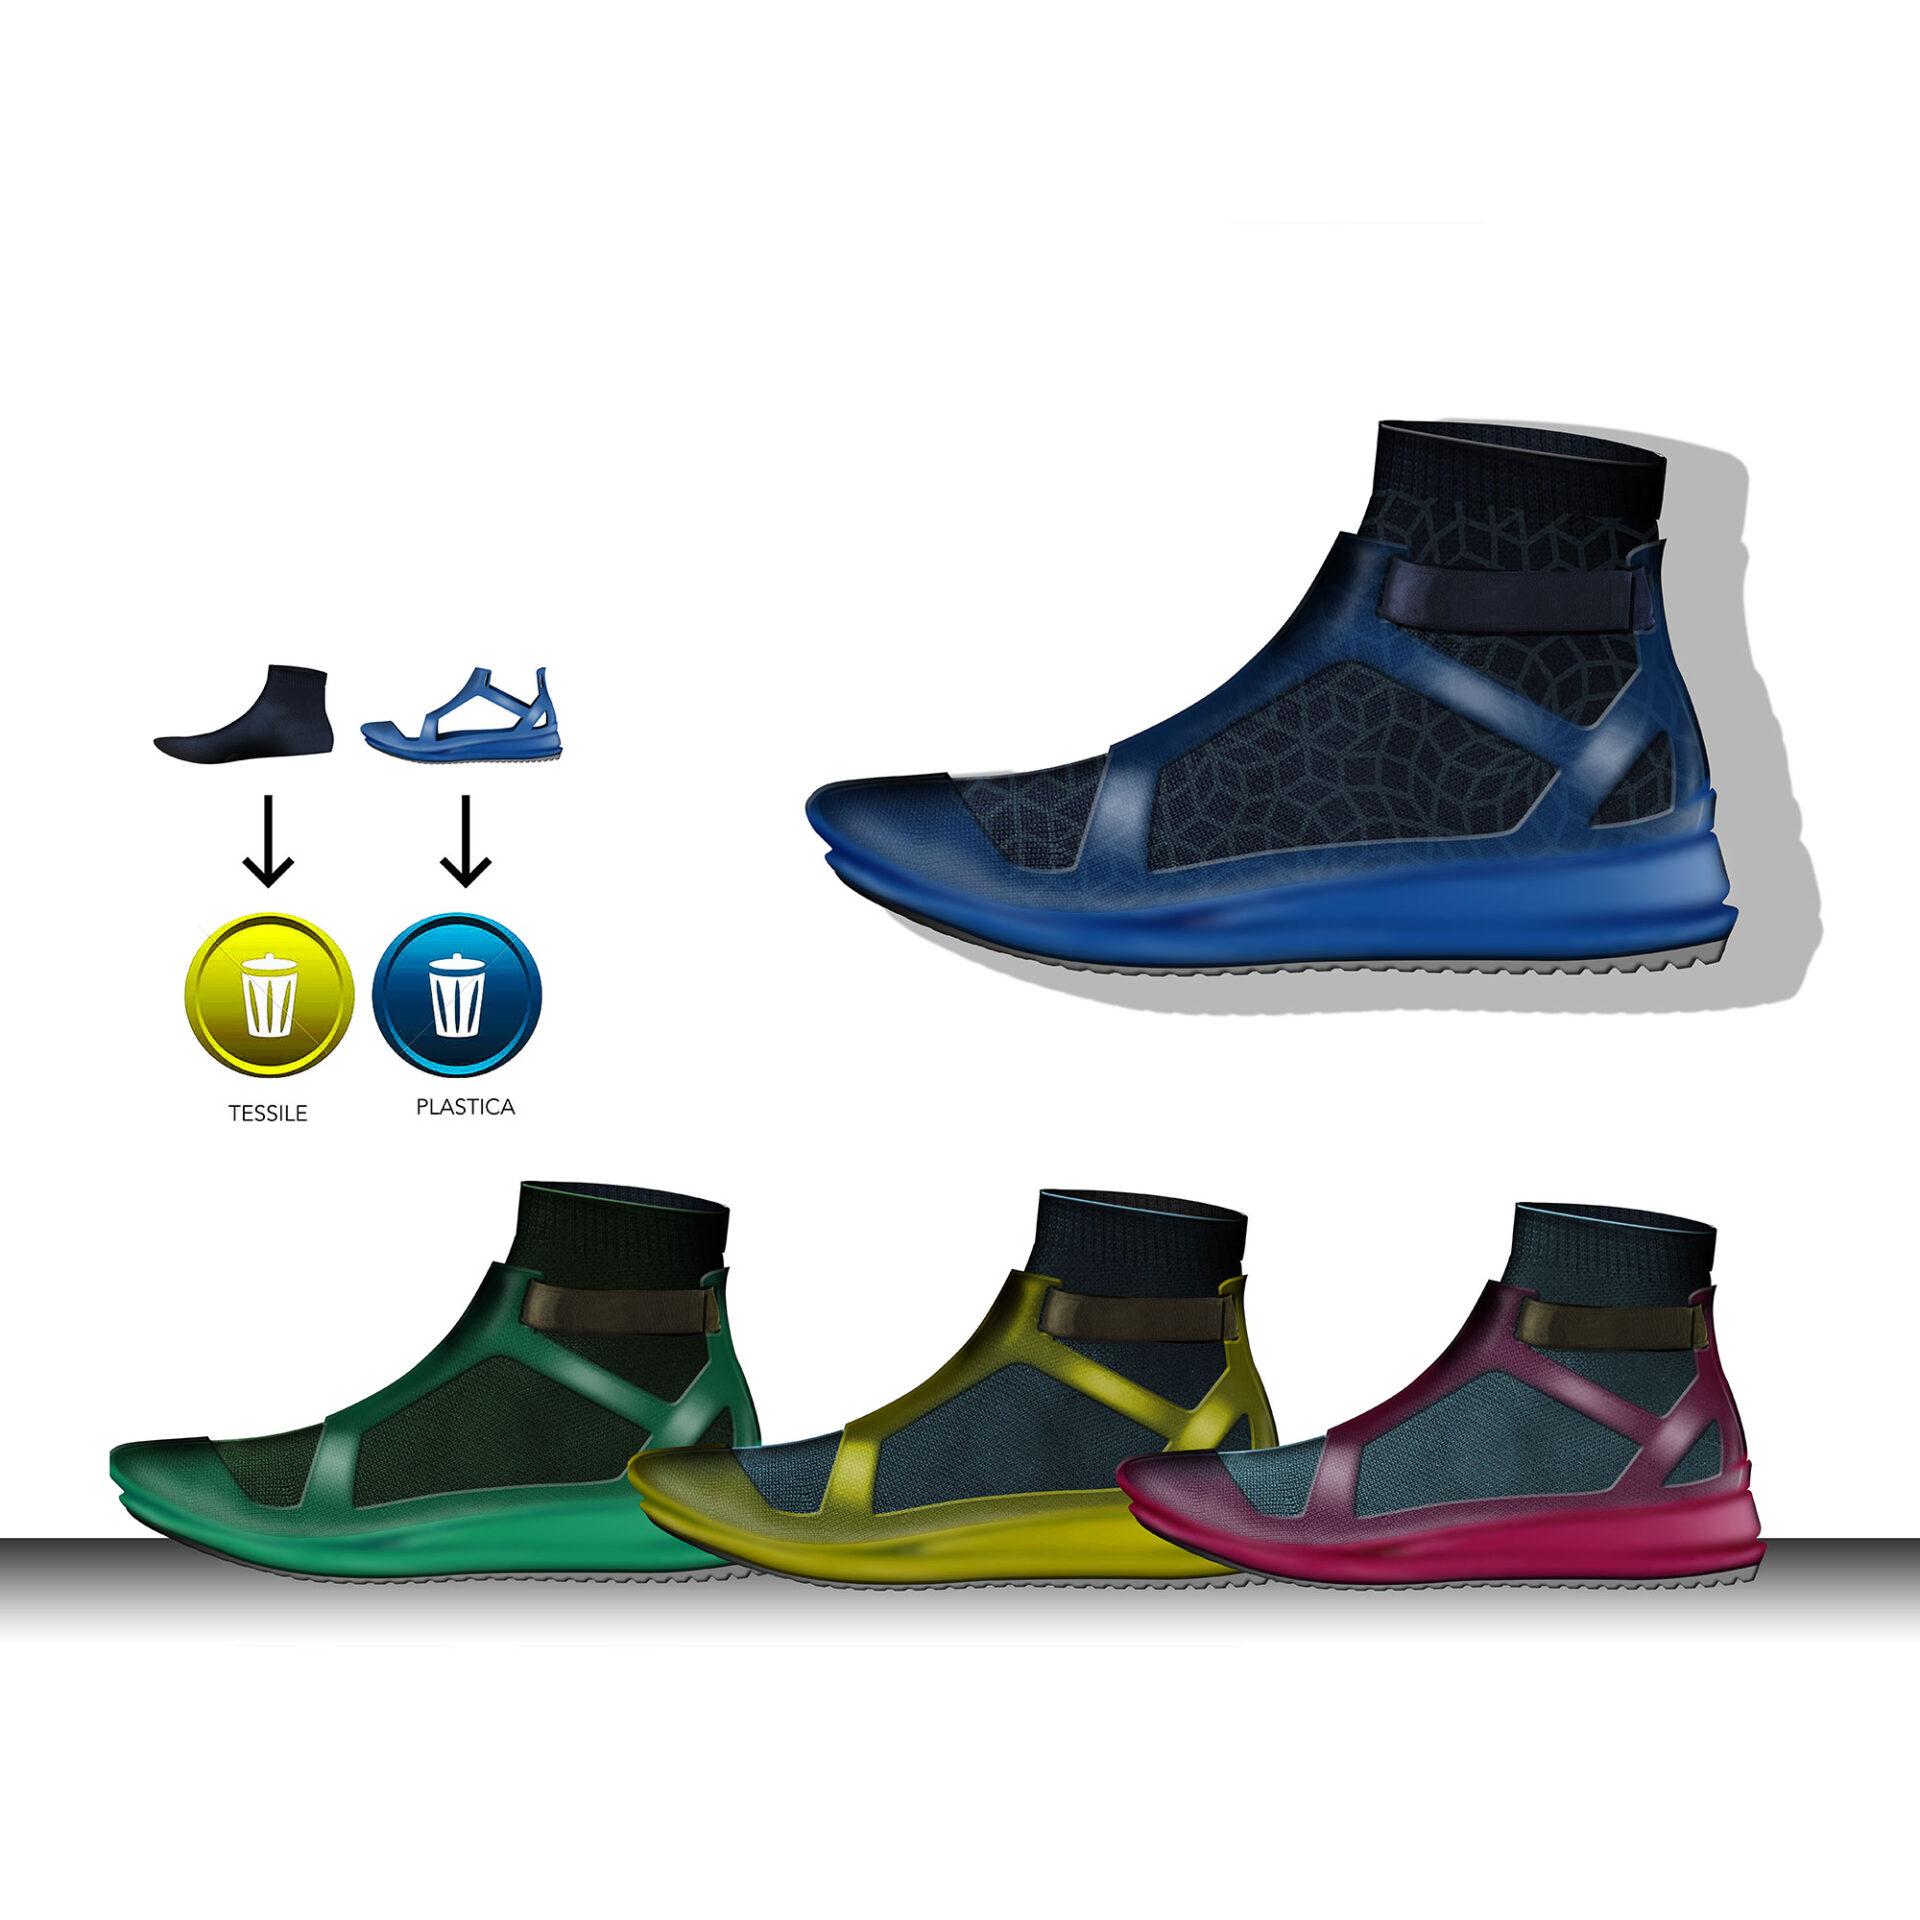 calzatura-reciclabile_2